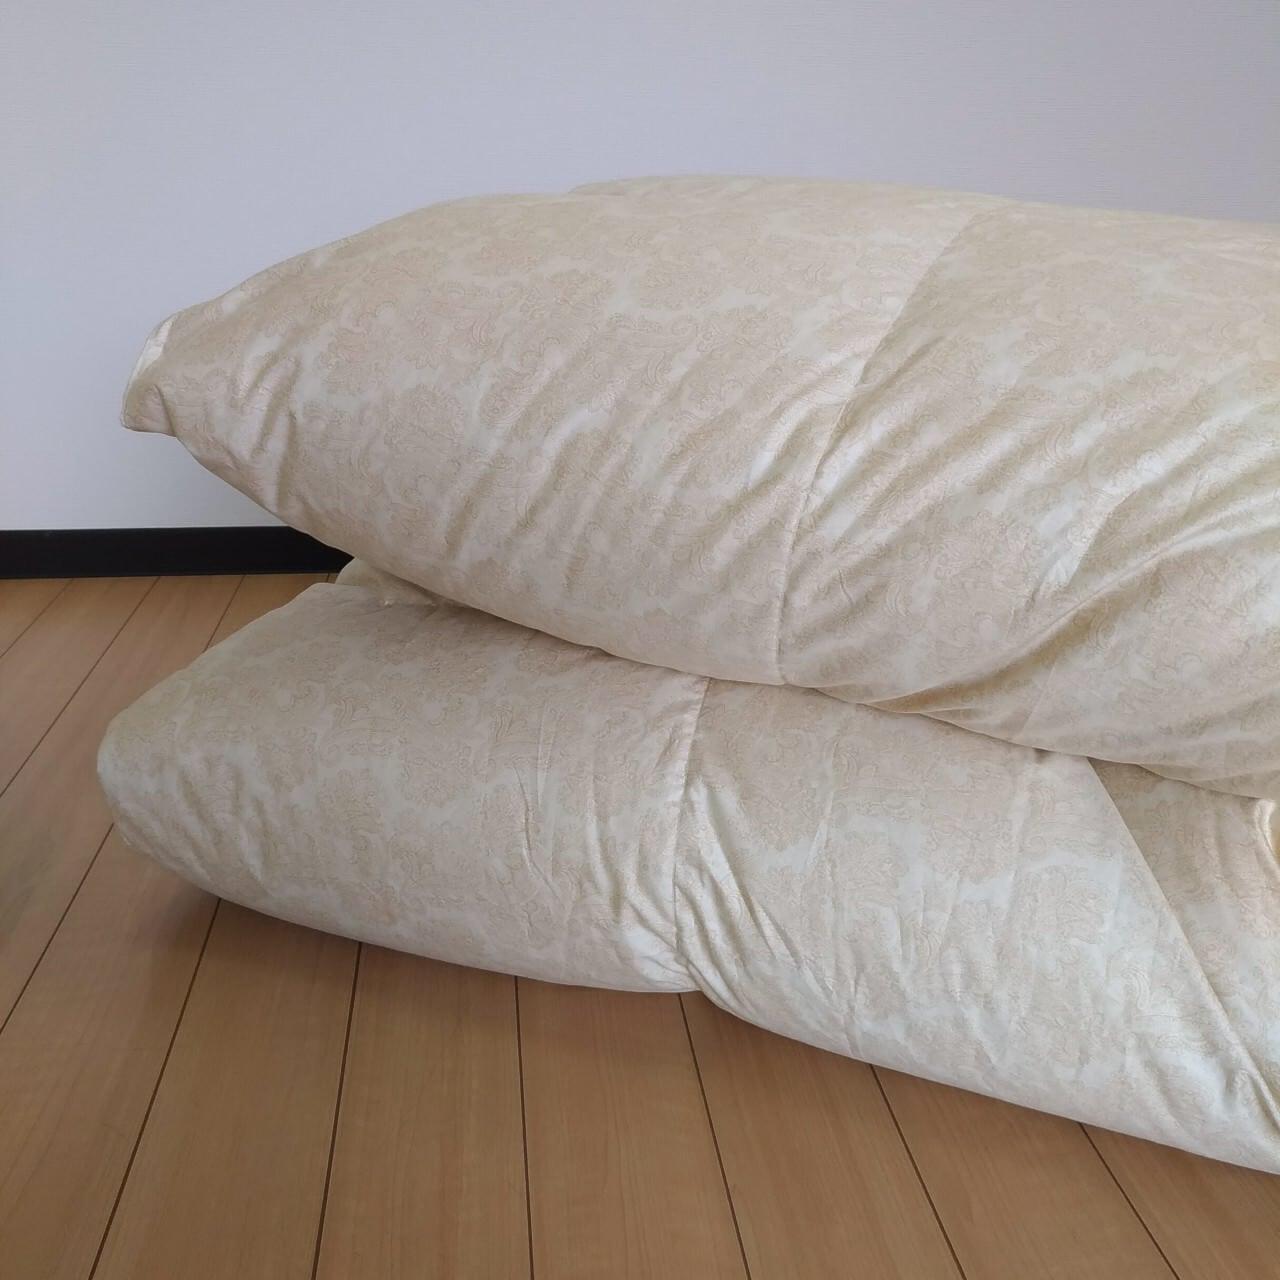 SD-羽毛掛ふとん 【マース】 セミダブル カナダマザーホワイトグースダウン−CONキルト (80サテン/1.5kg)